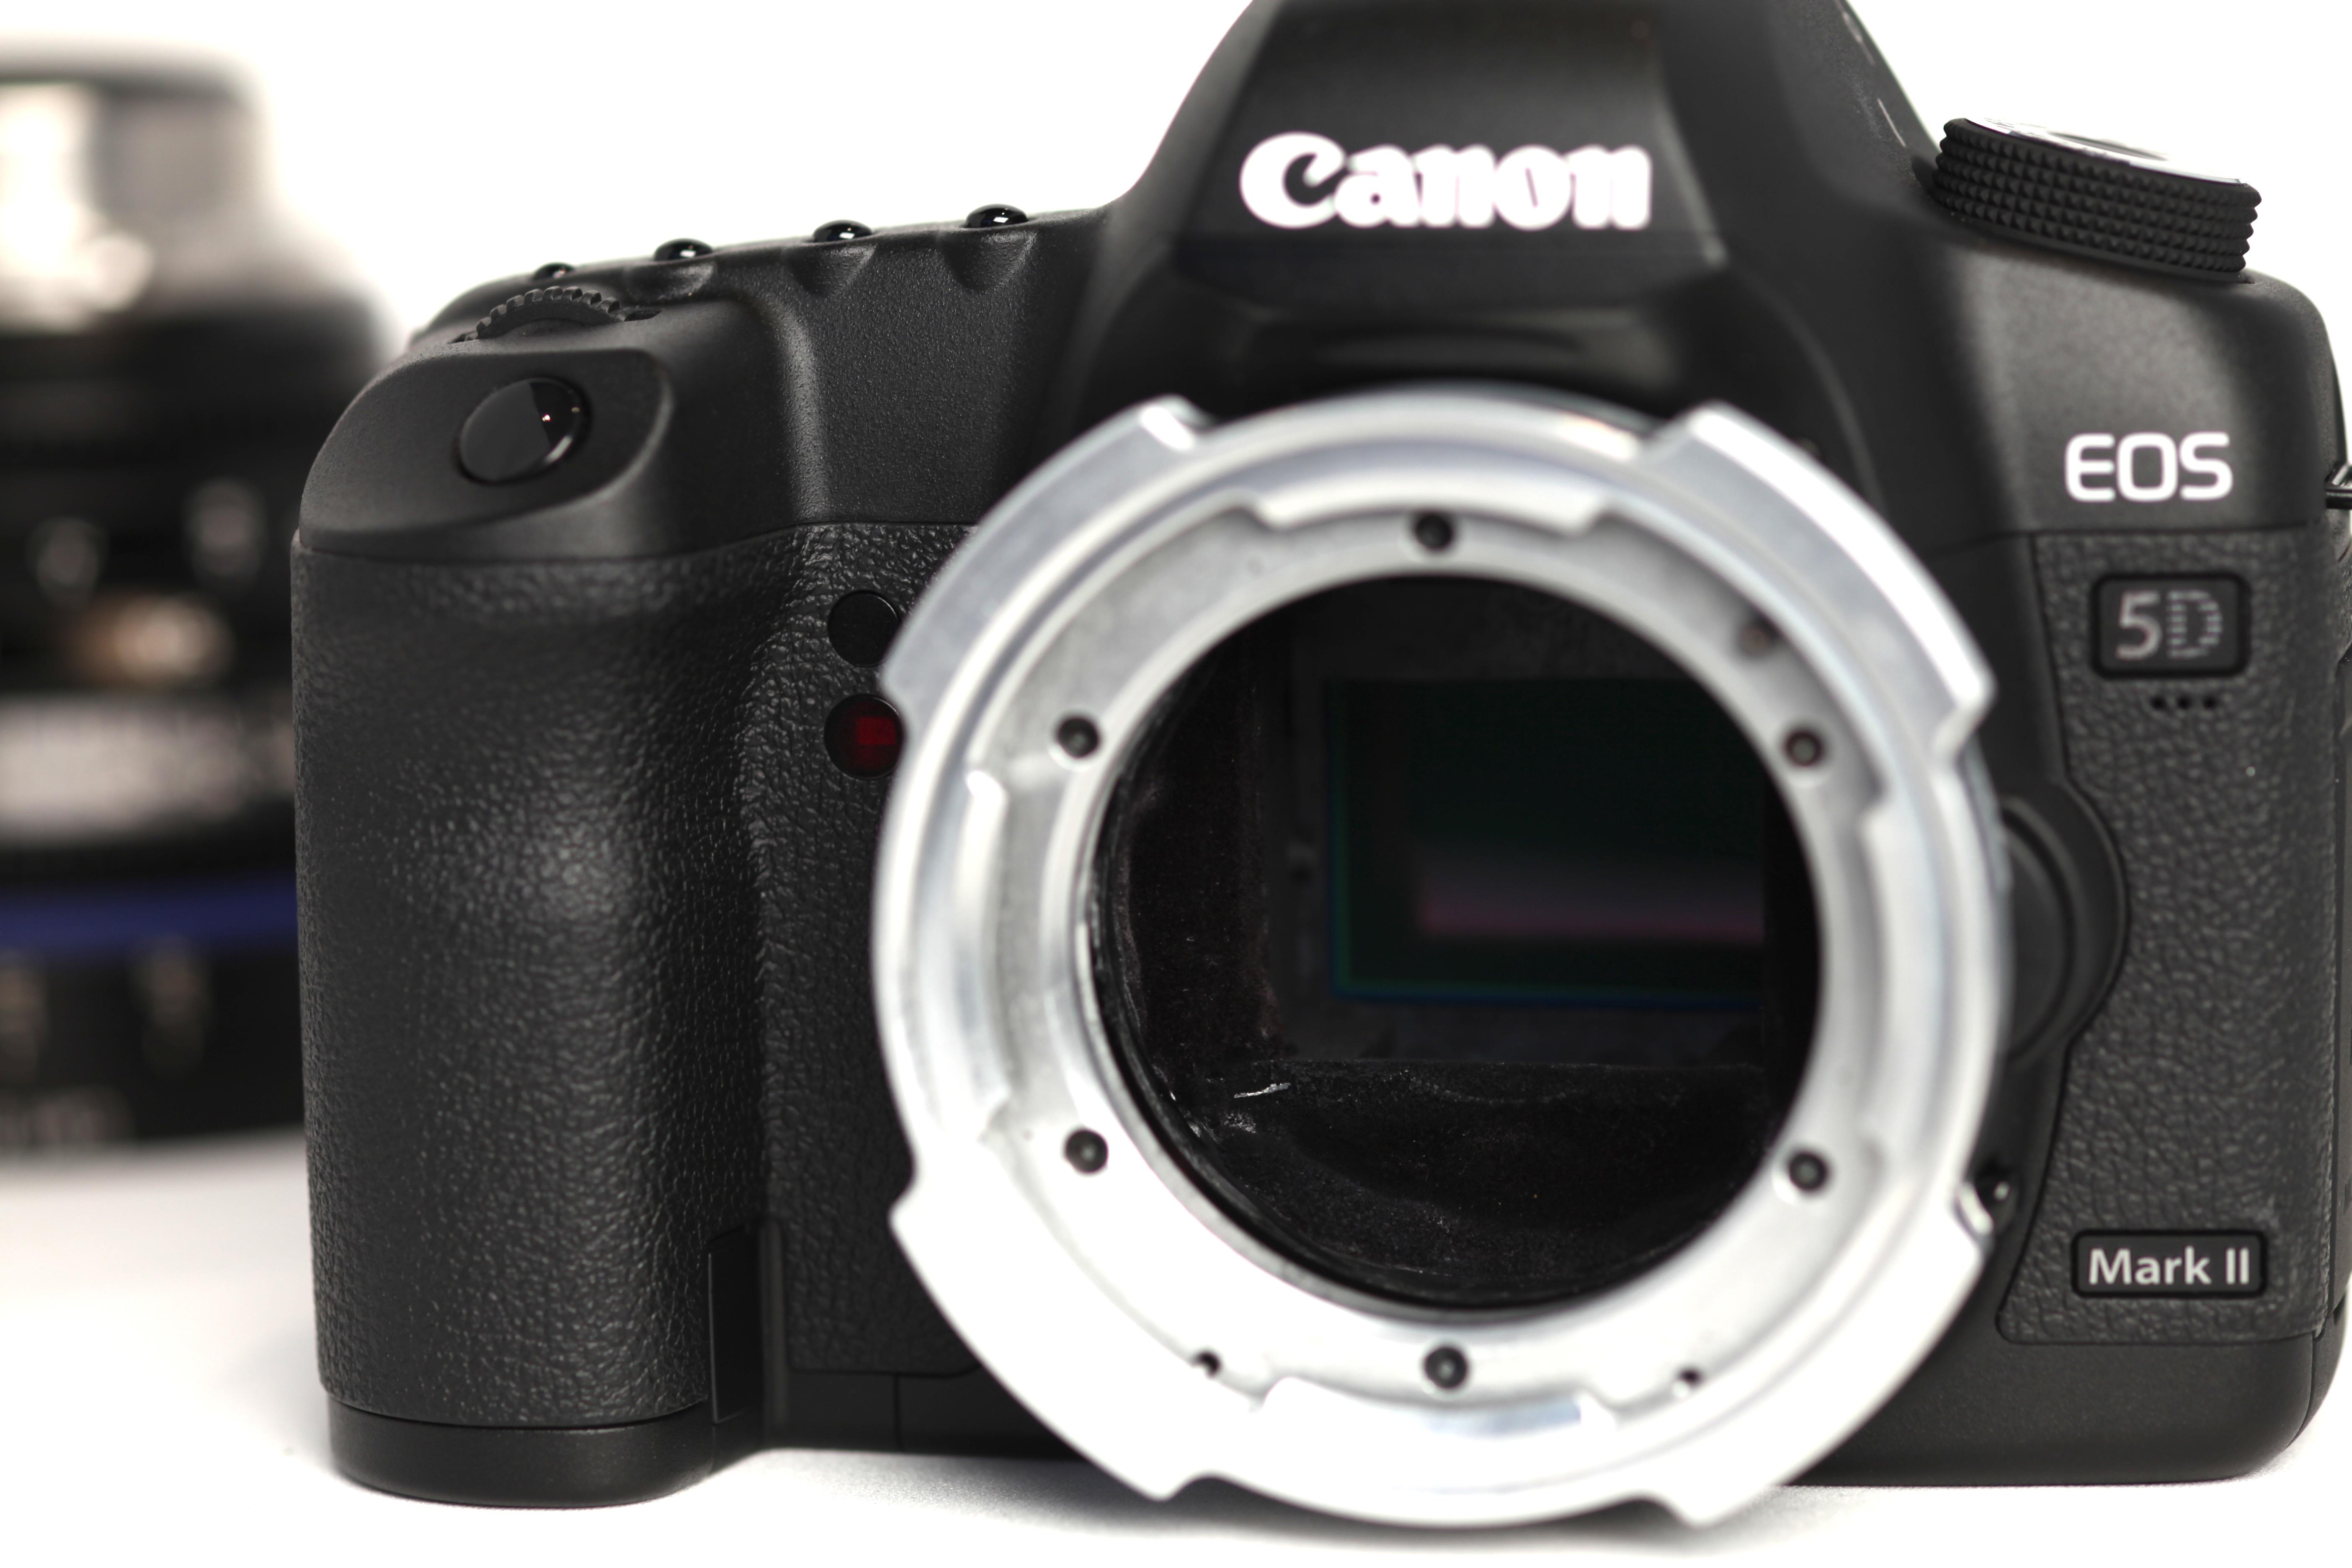 Hot Rod Cameras PL Mount 5D